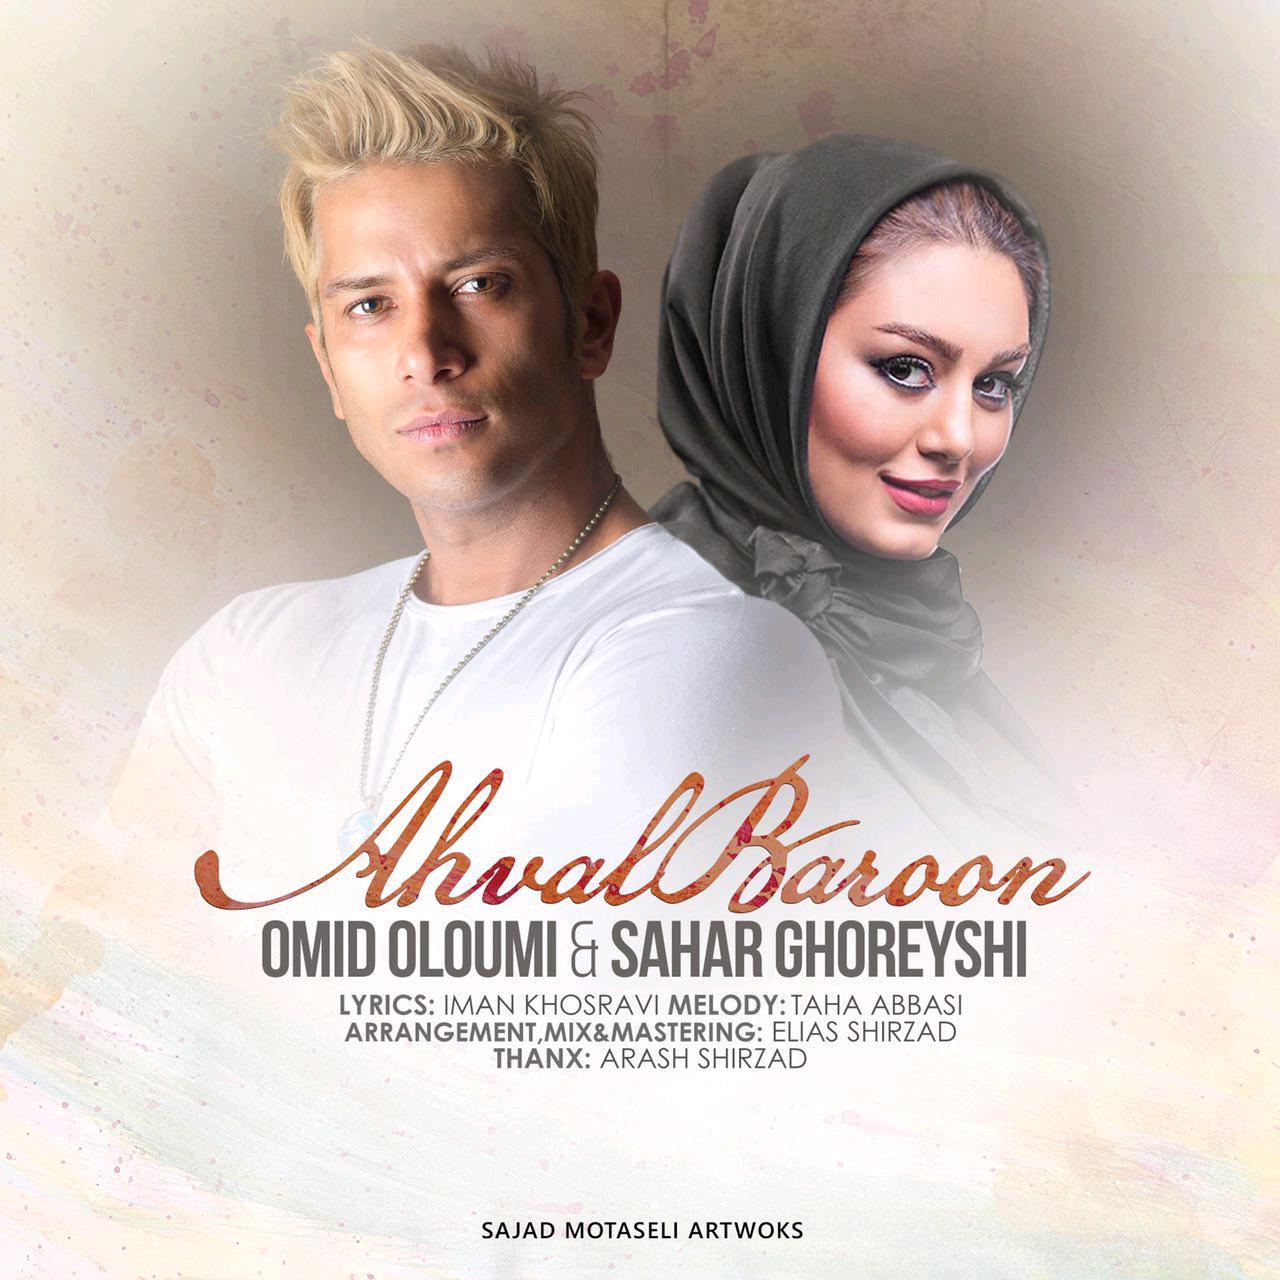 نامبر وان موزیک | دانلود آهنگ جدید Omid-Oloumi-Ahval-Baroon-Ft-Sahar-Ghoreyshi